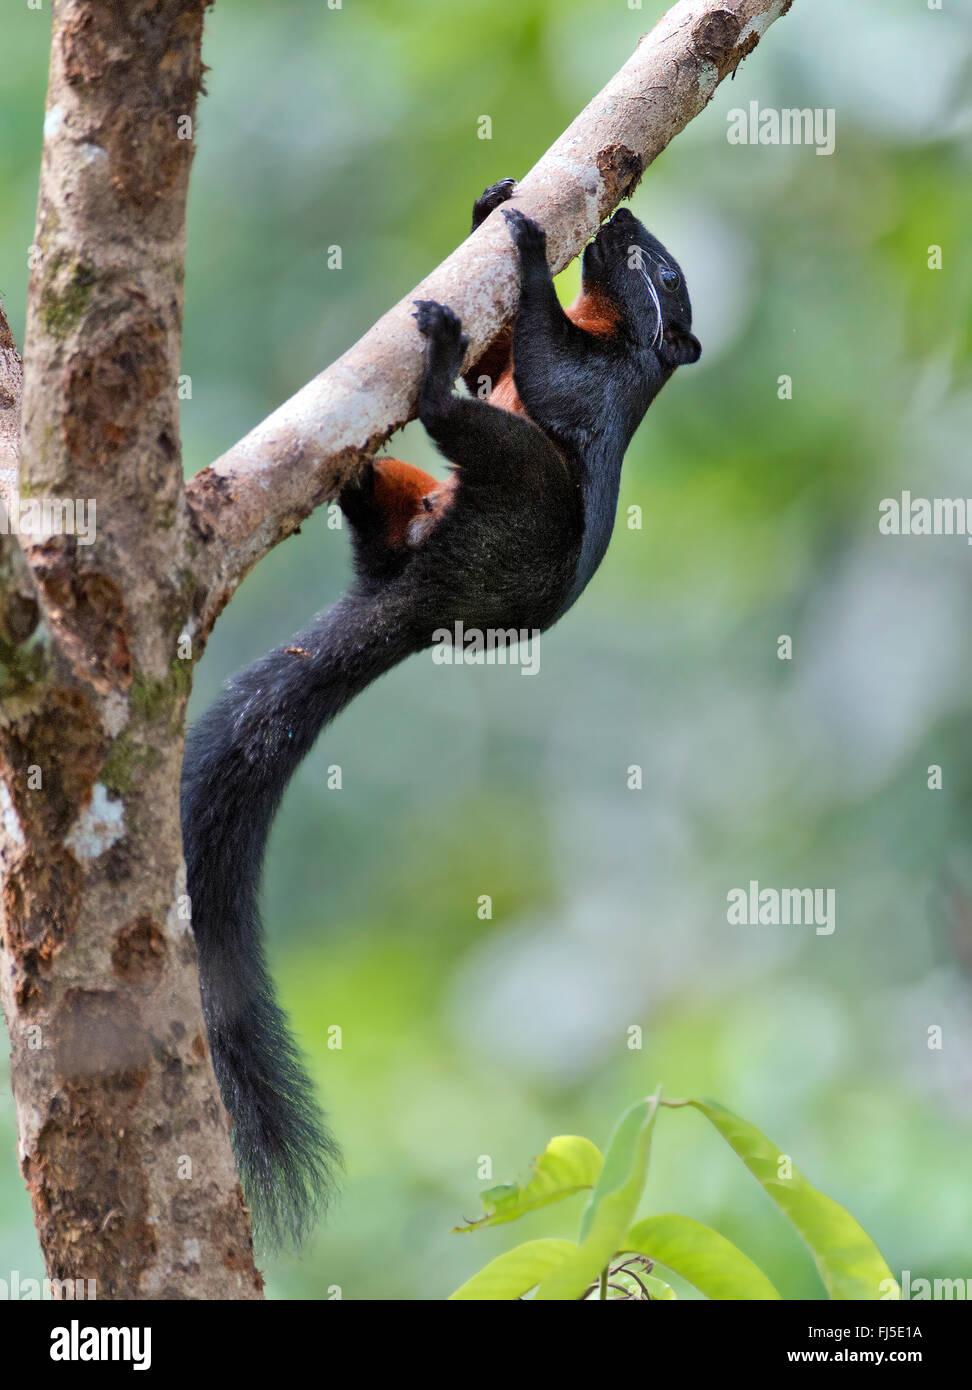 Bornean black-banded squirrel (Callosciurus orestes), climbs on a branch, Malaysia, Borneo, Sabah - Stock Image